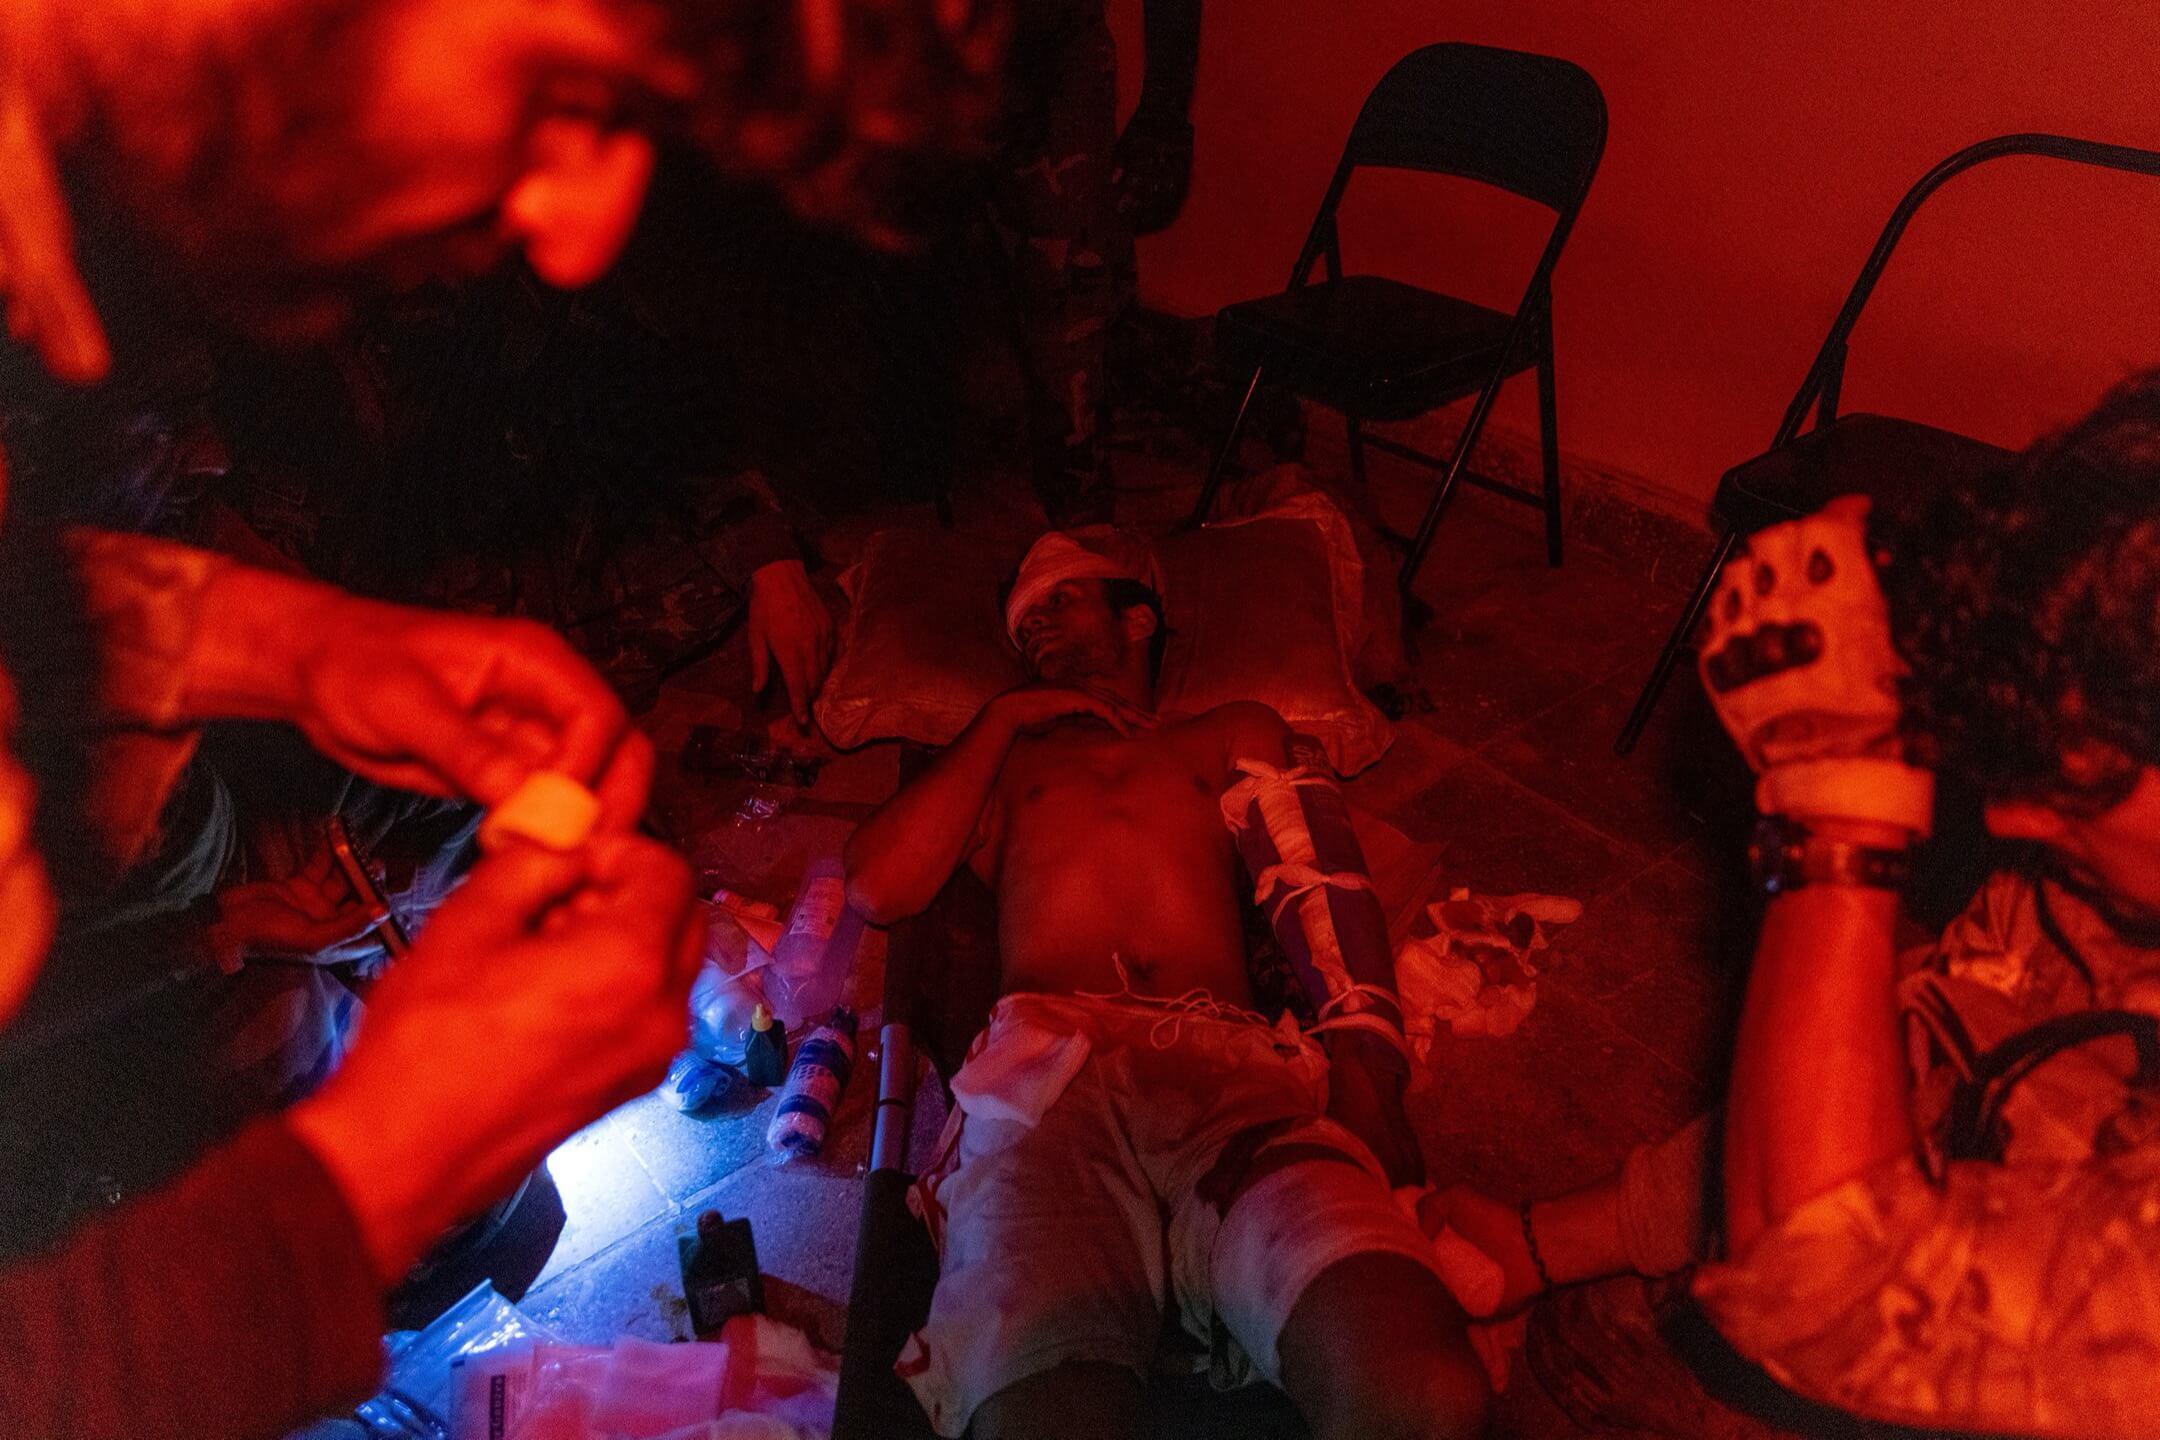 2021年7月12日,阿富汗坎大哈省,一名阿富汗國民軍士兵與塔利班槍戰期間受傷,到場支援的阿富汗特種部隊成員為他包紮。